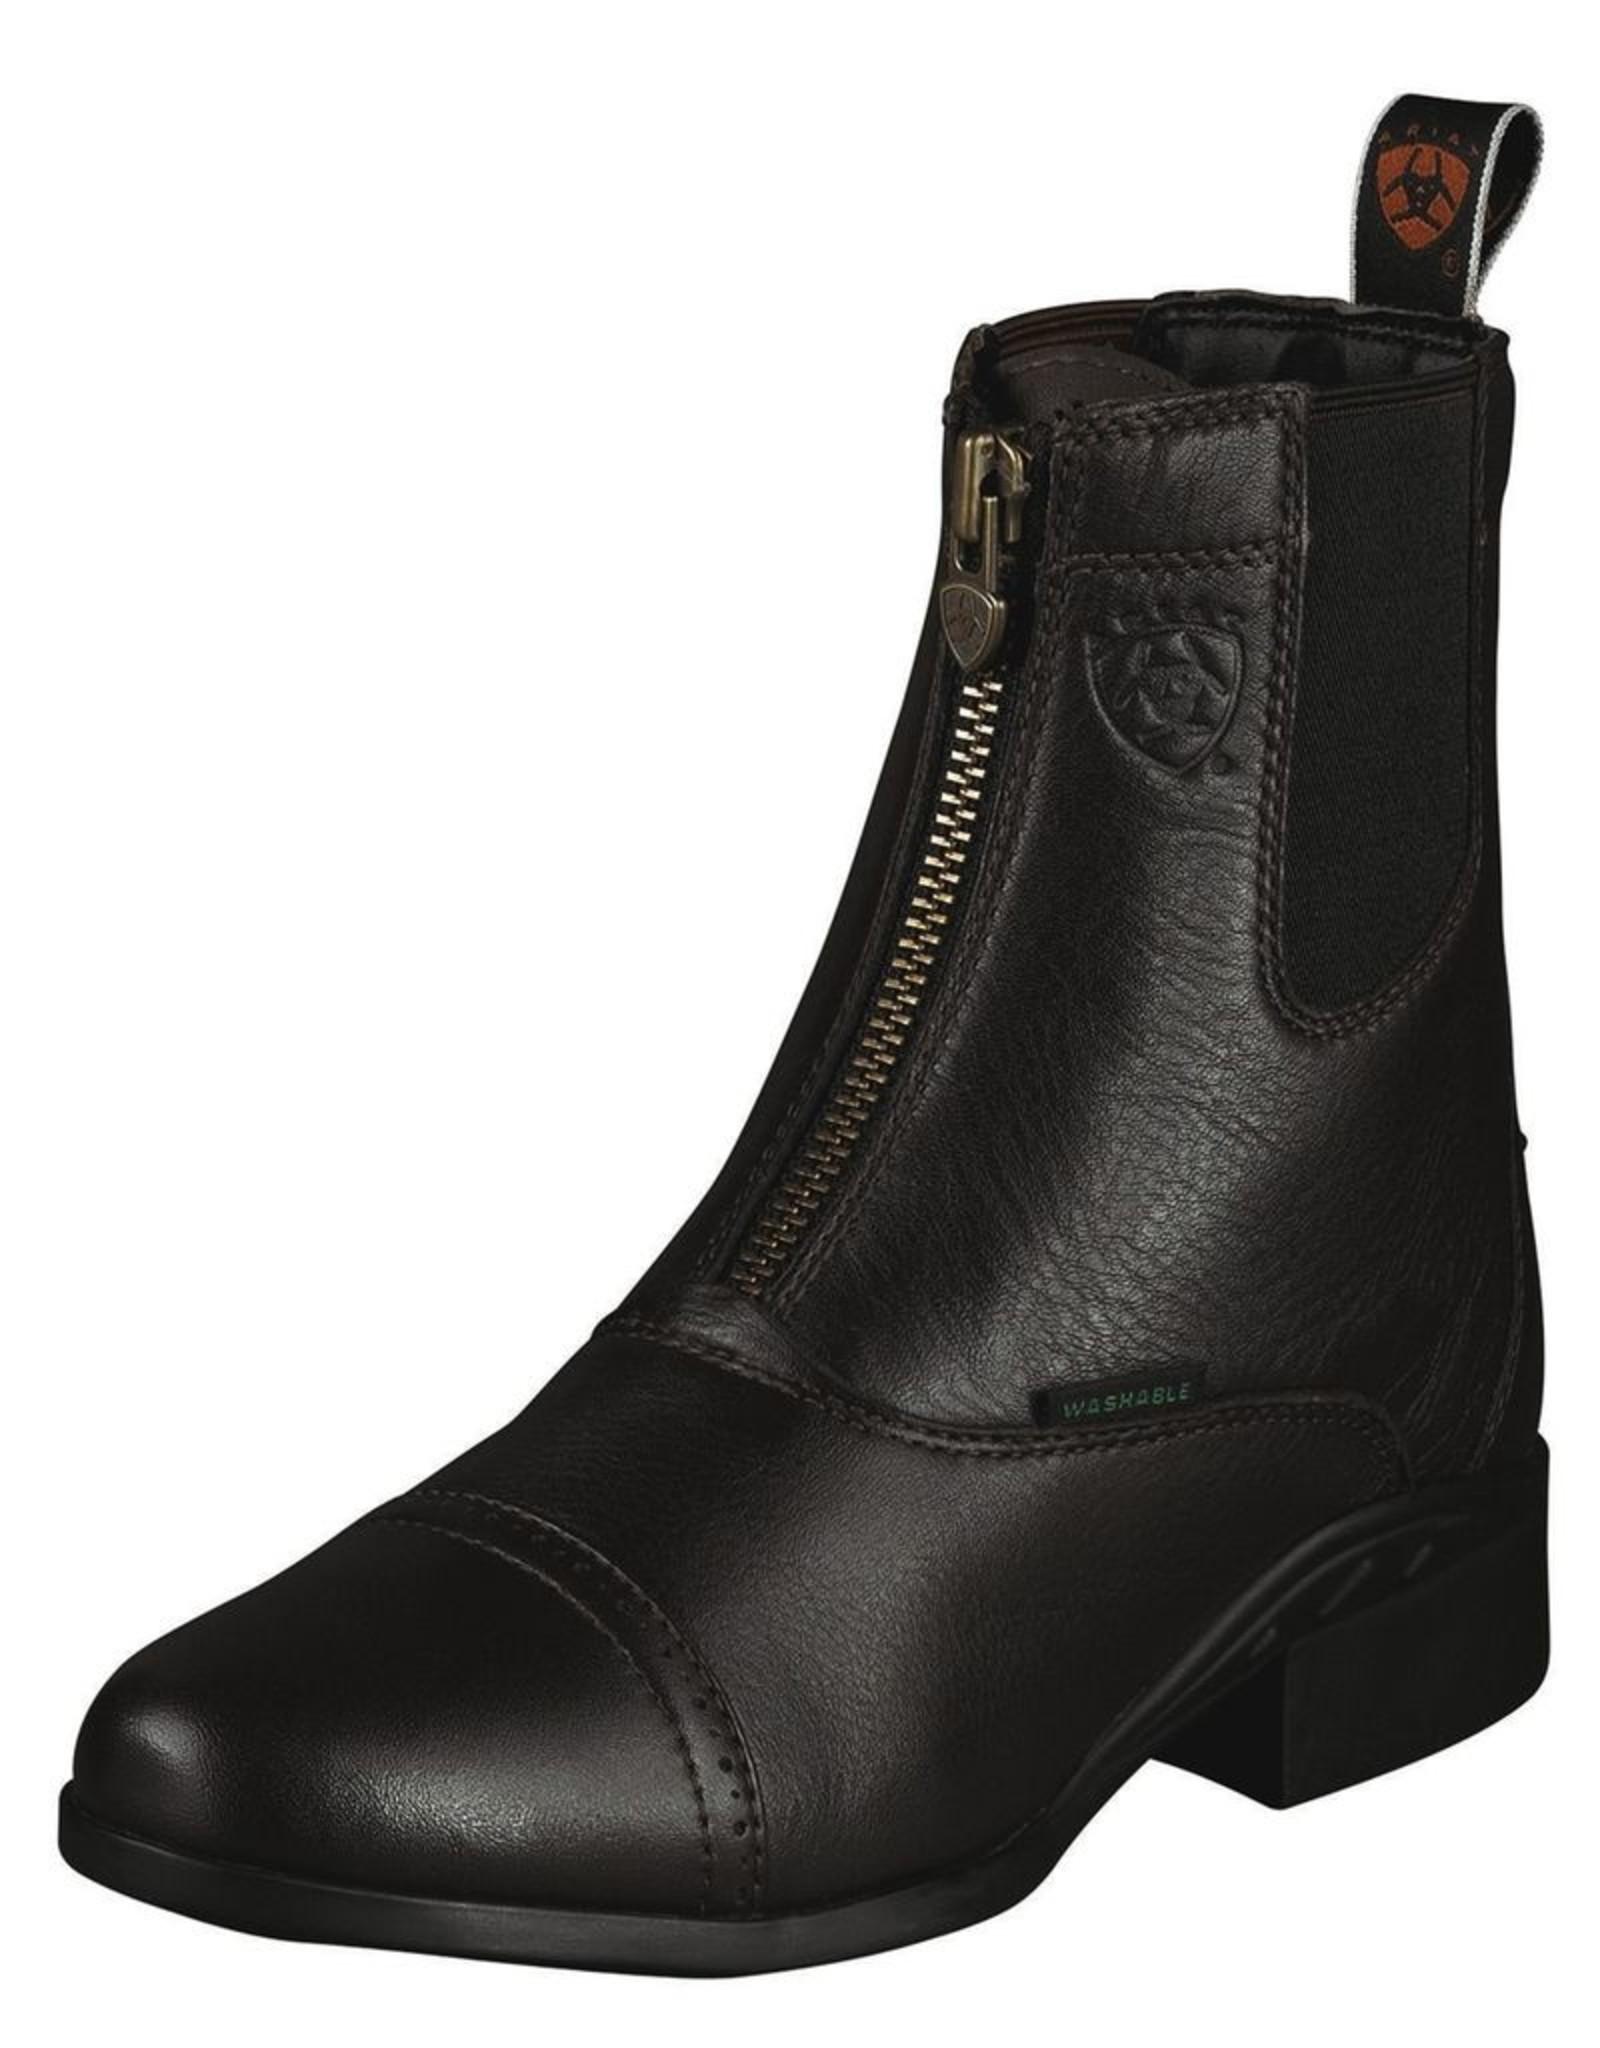 Ariat Ladies Breeze Zip Paddock Boot - Chocolate